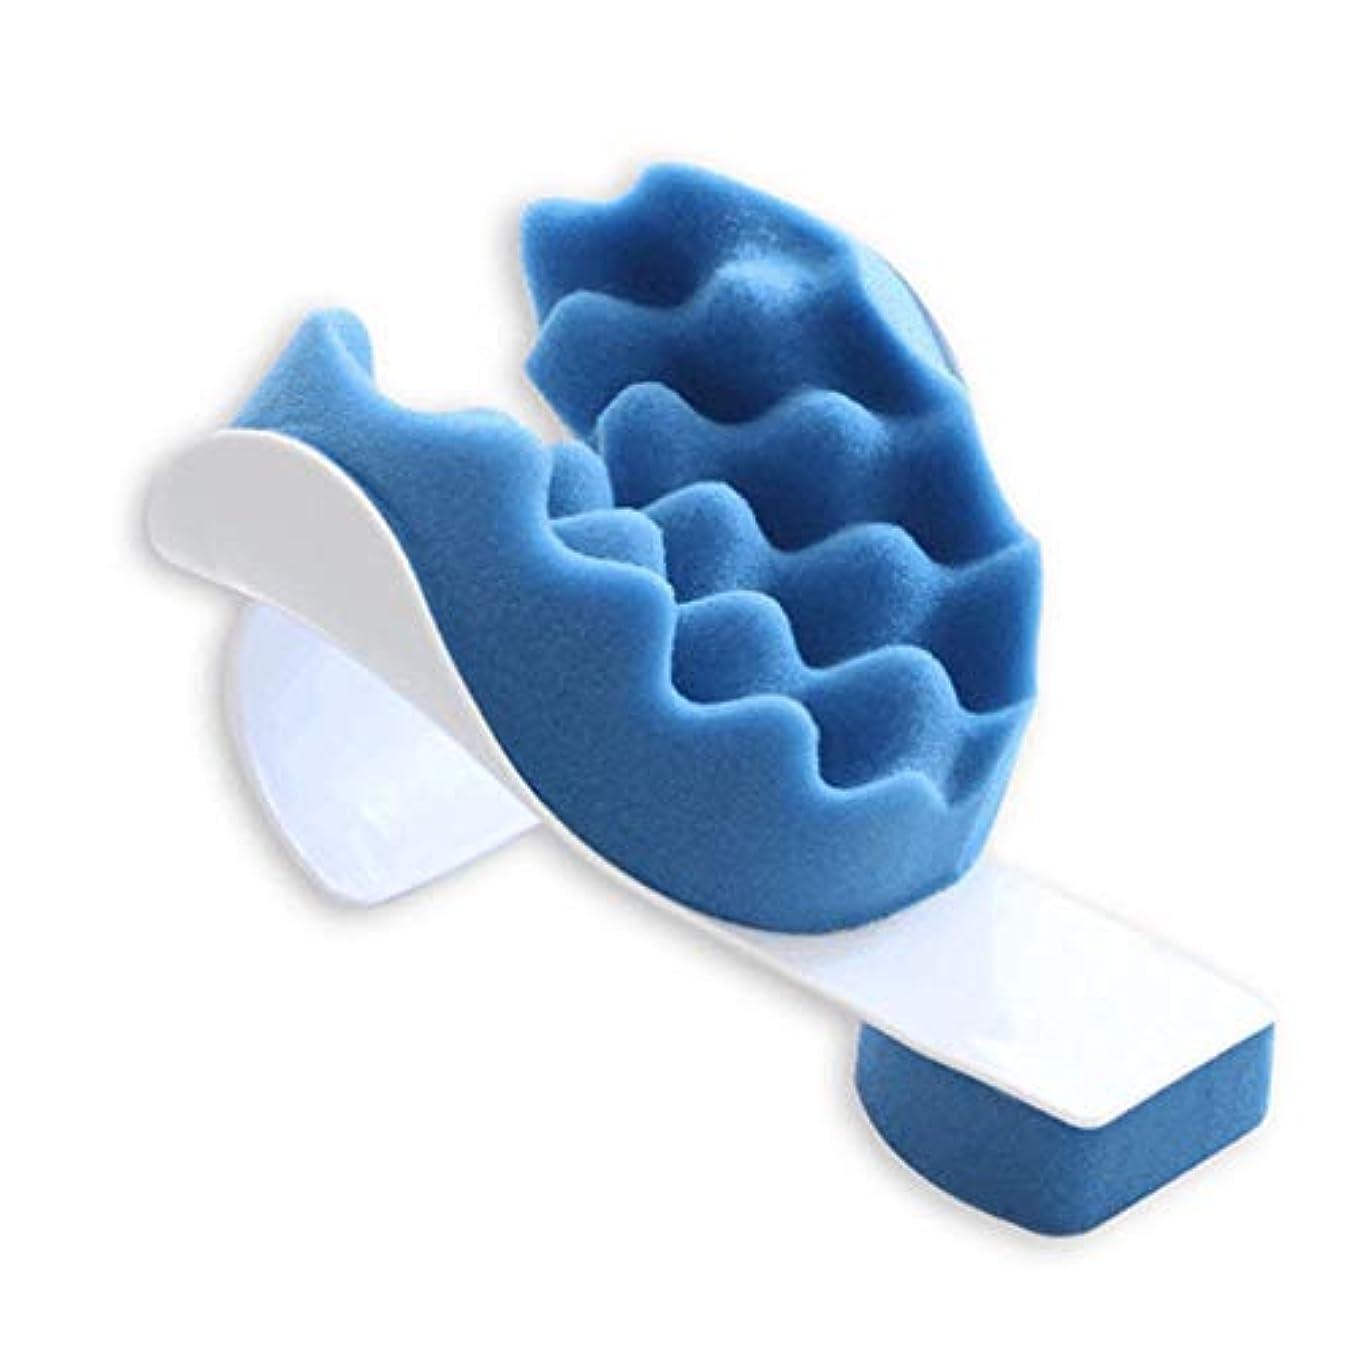 遵守するライナー別々にEsolom マッサージ枕 首と肩のリラクゼーション 首の痛みの緩和 サポート肩リラクゼーションマッサージ牽引枕 ポータブル 頭と首のマッサージ枕